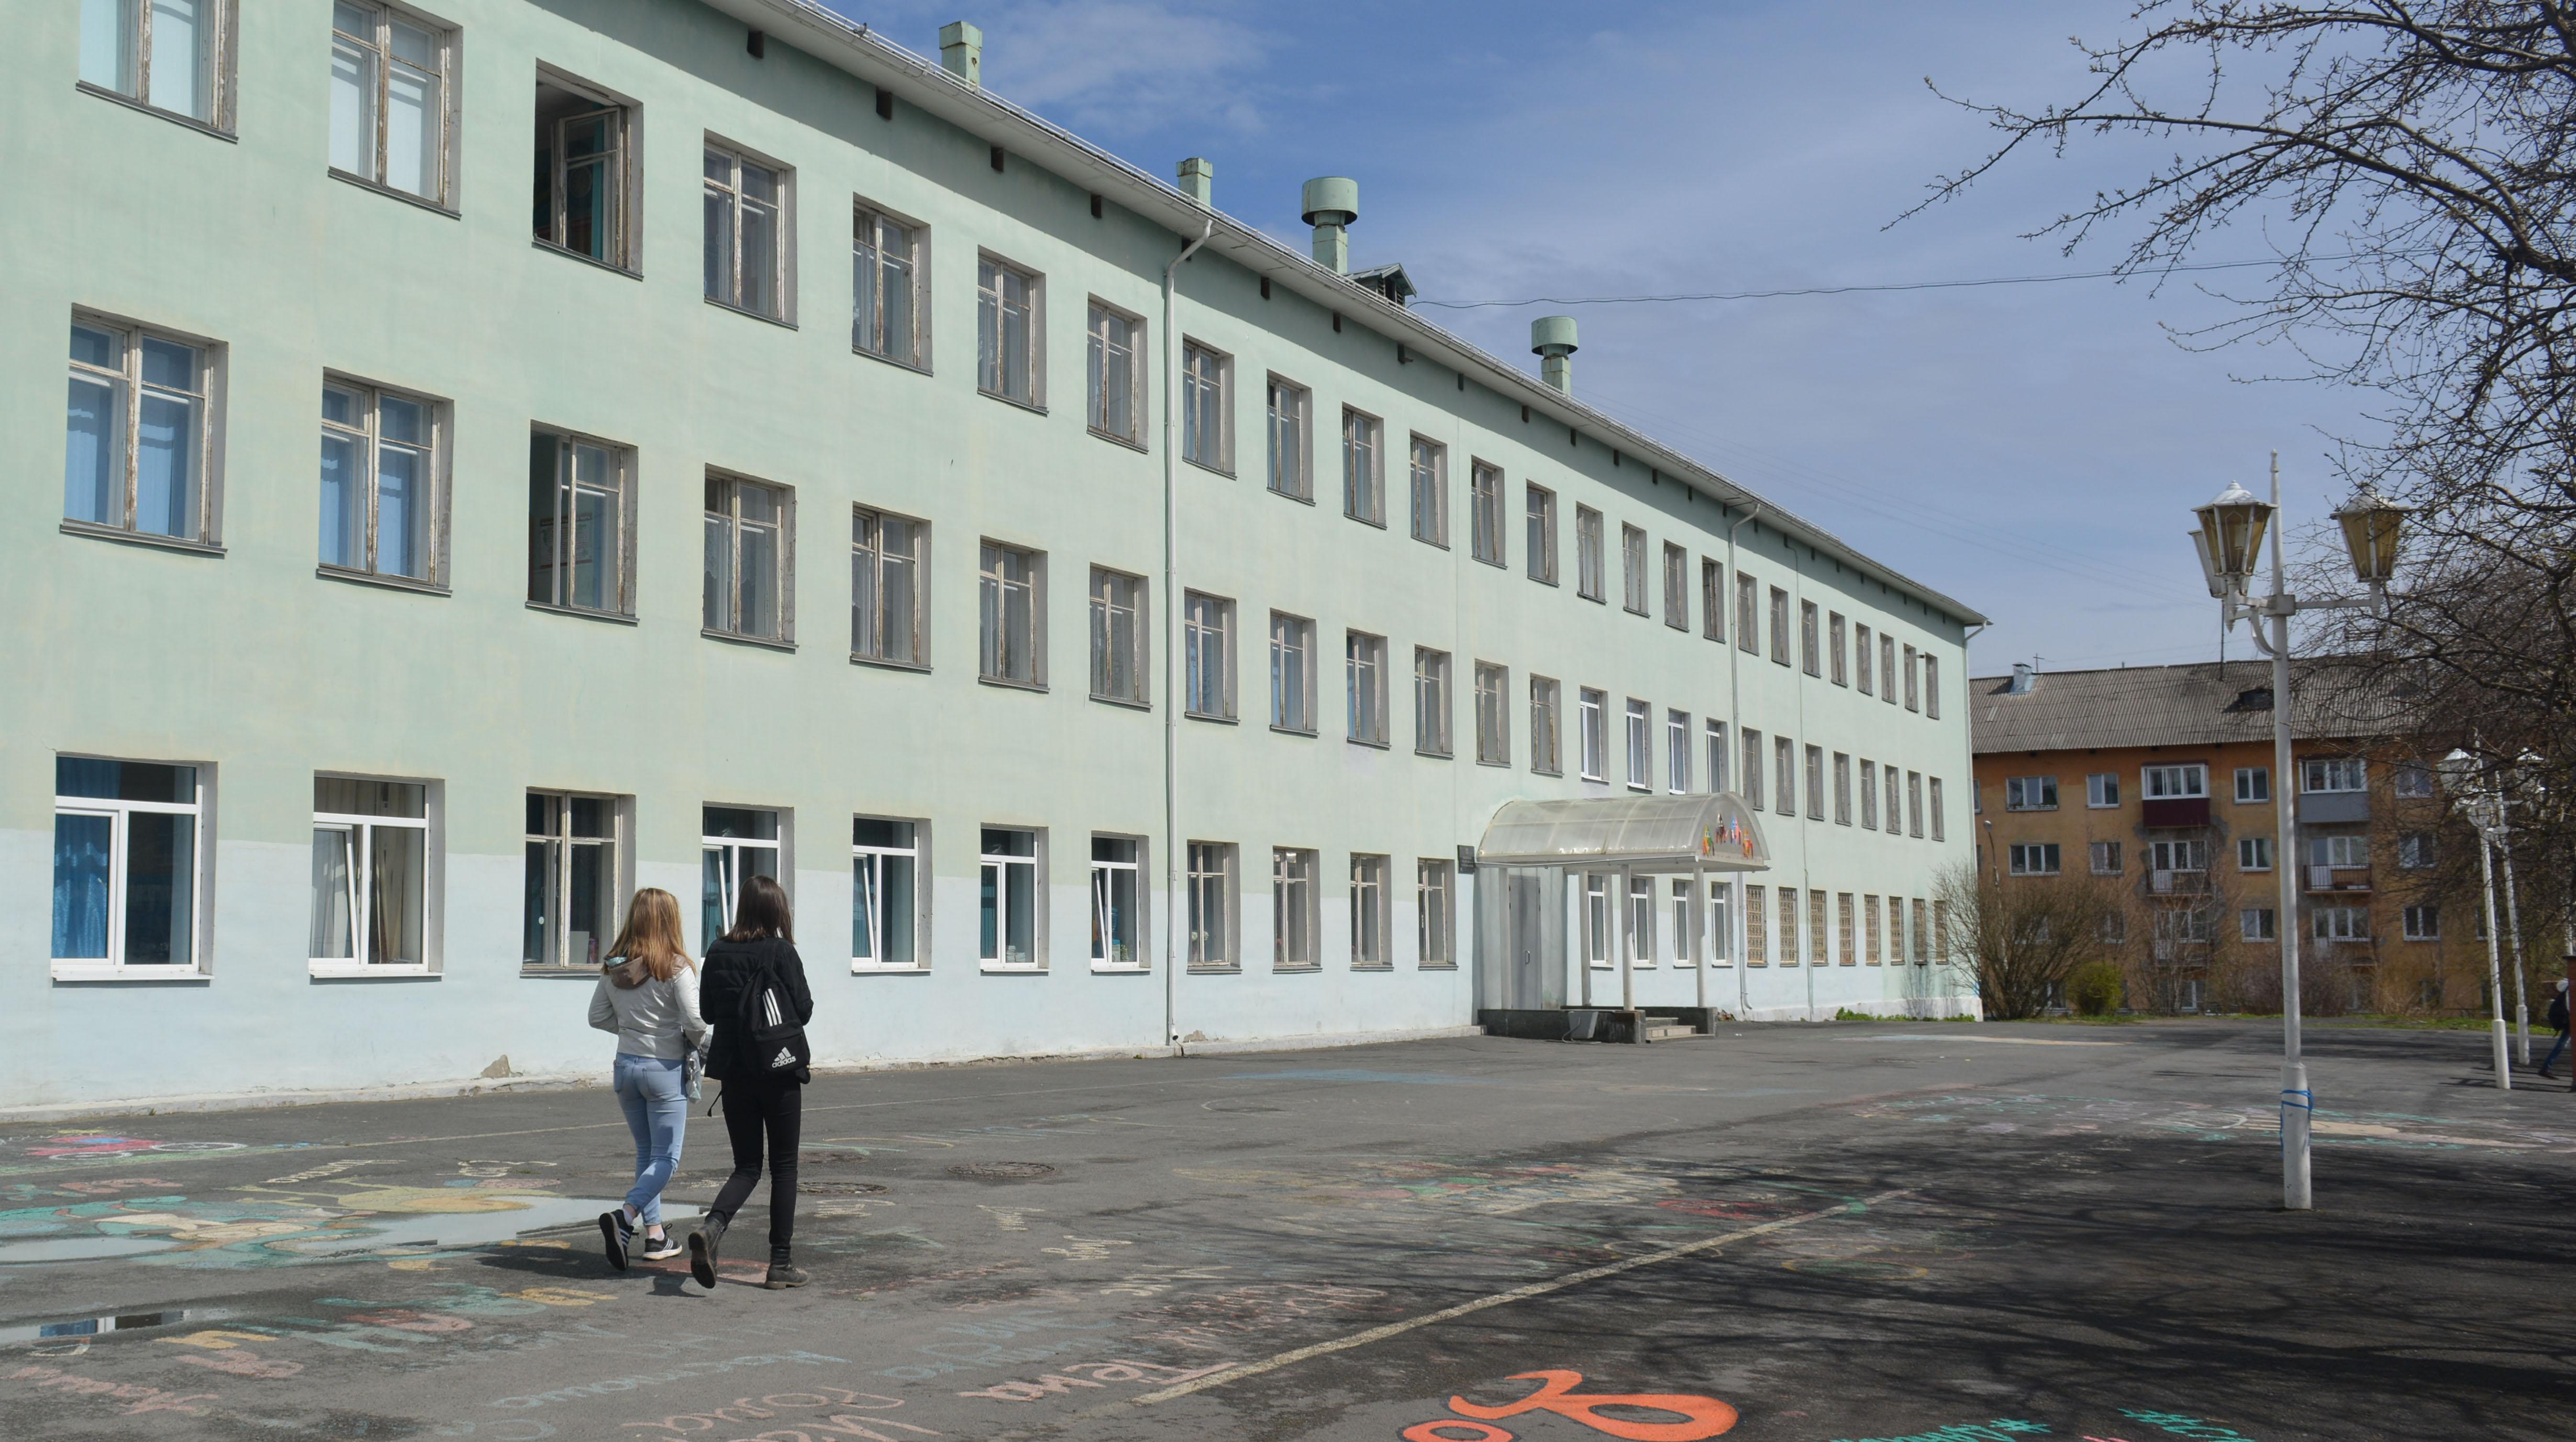 Школа N6 считается одной из самых престижных в Кондопоге. Фото: Алексей Владимиров